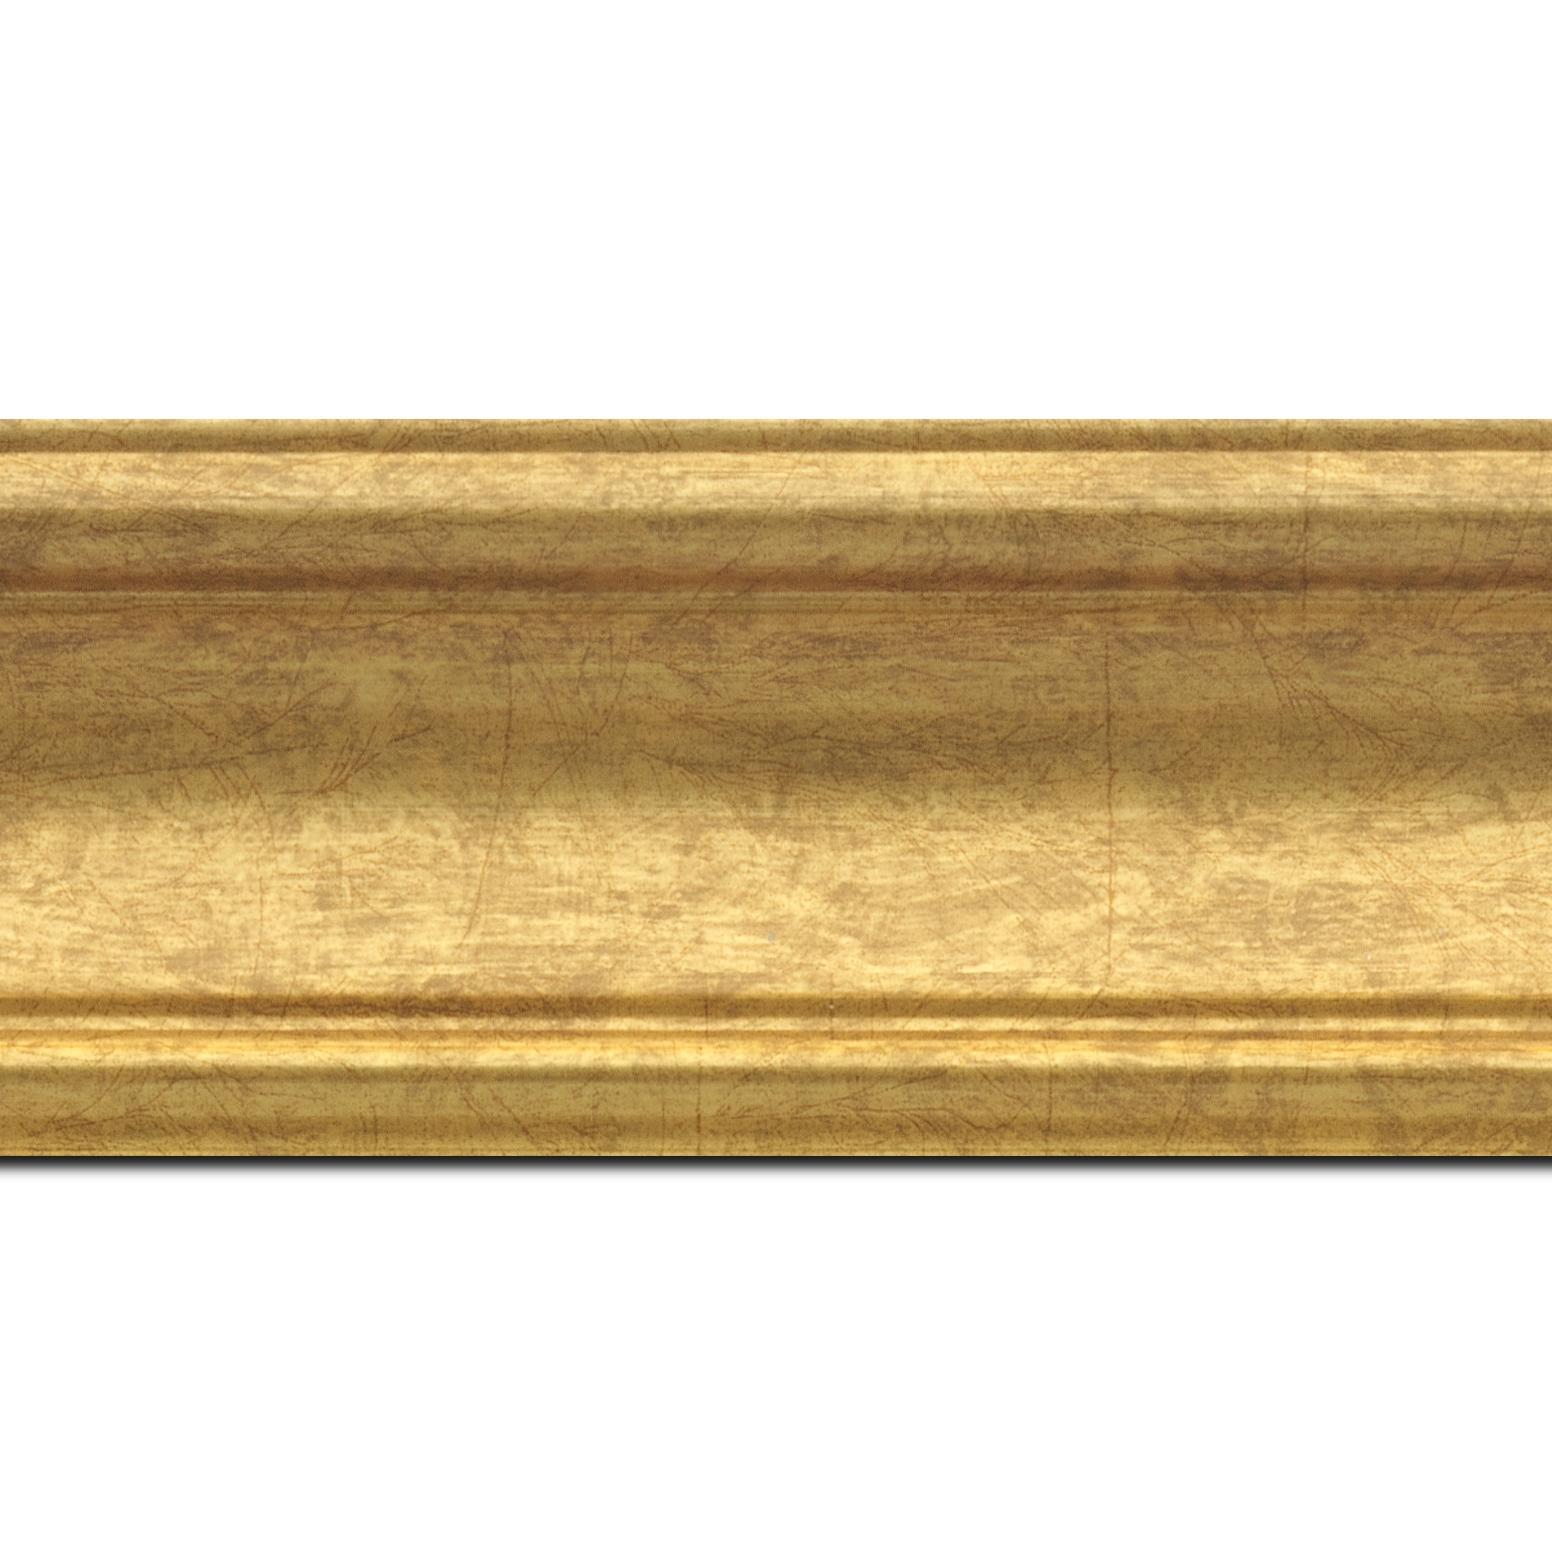 Pack par 12m, bois profil incurvé largeur 7cm or(longueur baguette pouvant varier entre 2.40m et 3m selon arrivage des bois)